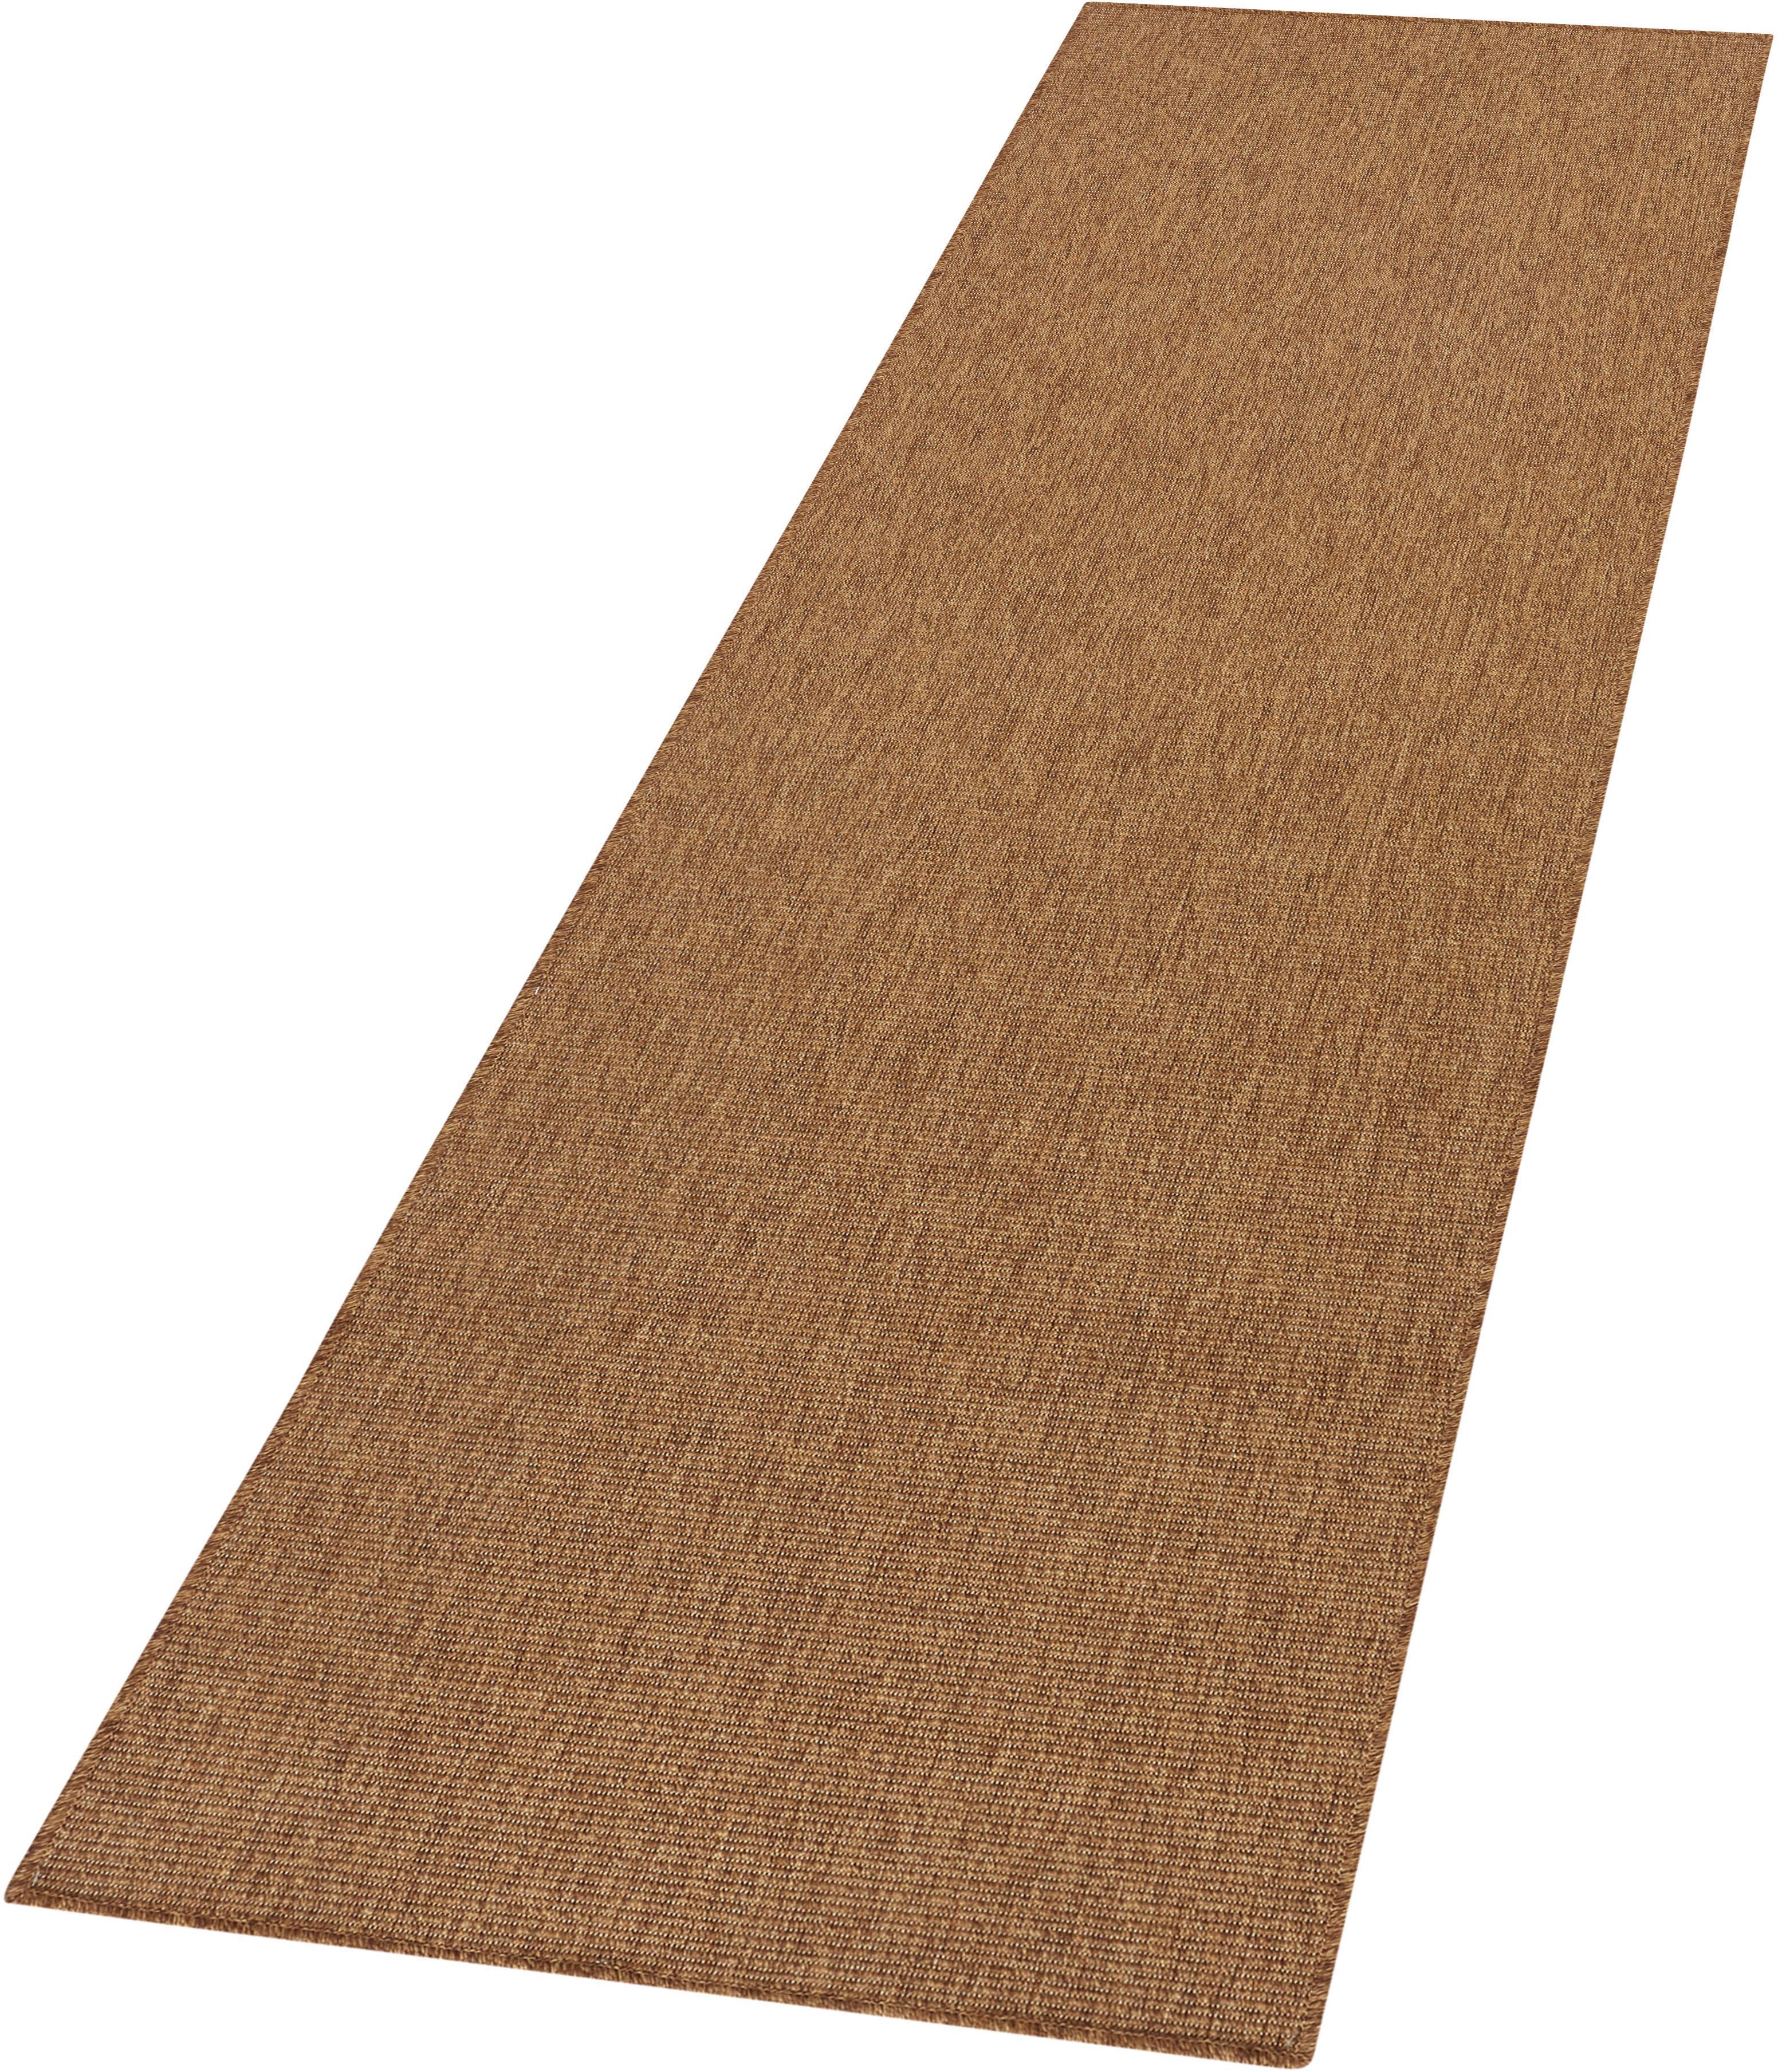 Läufer Nature BT Carpet rechteckig Höhe 5 mm maschinell gewebt